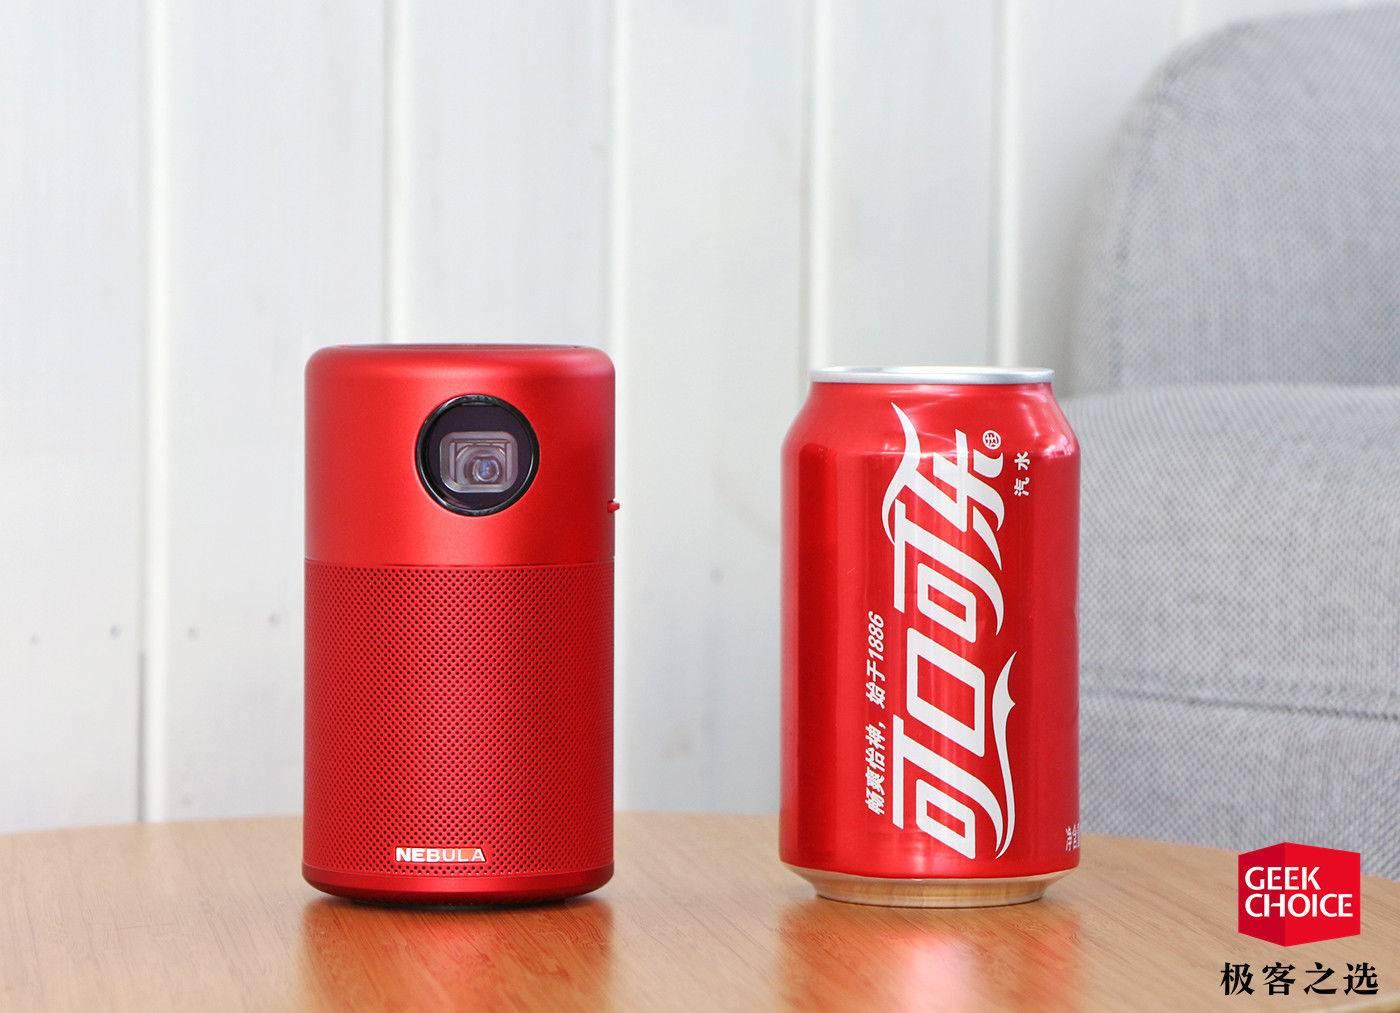 一罐分量十足的可乐!Nebula Capsule Pro上手评测